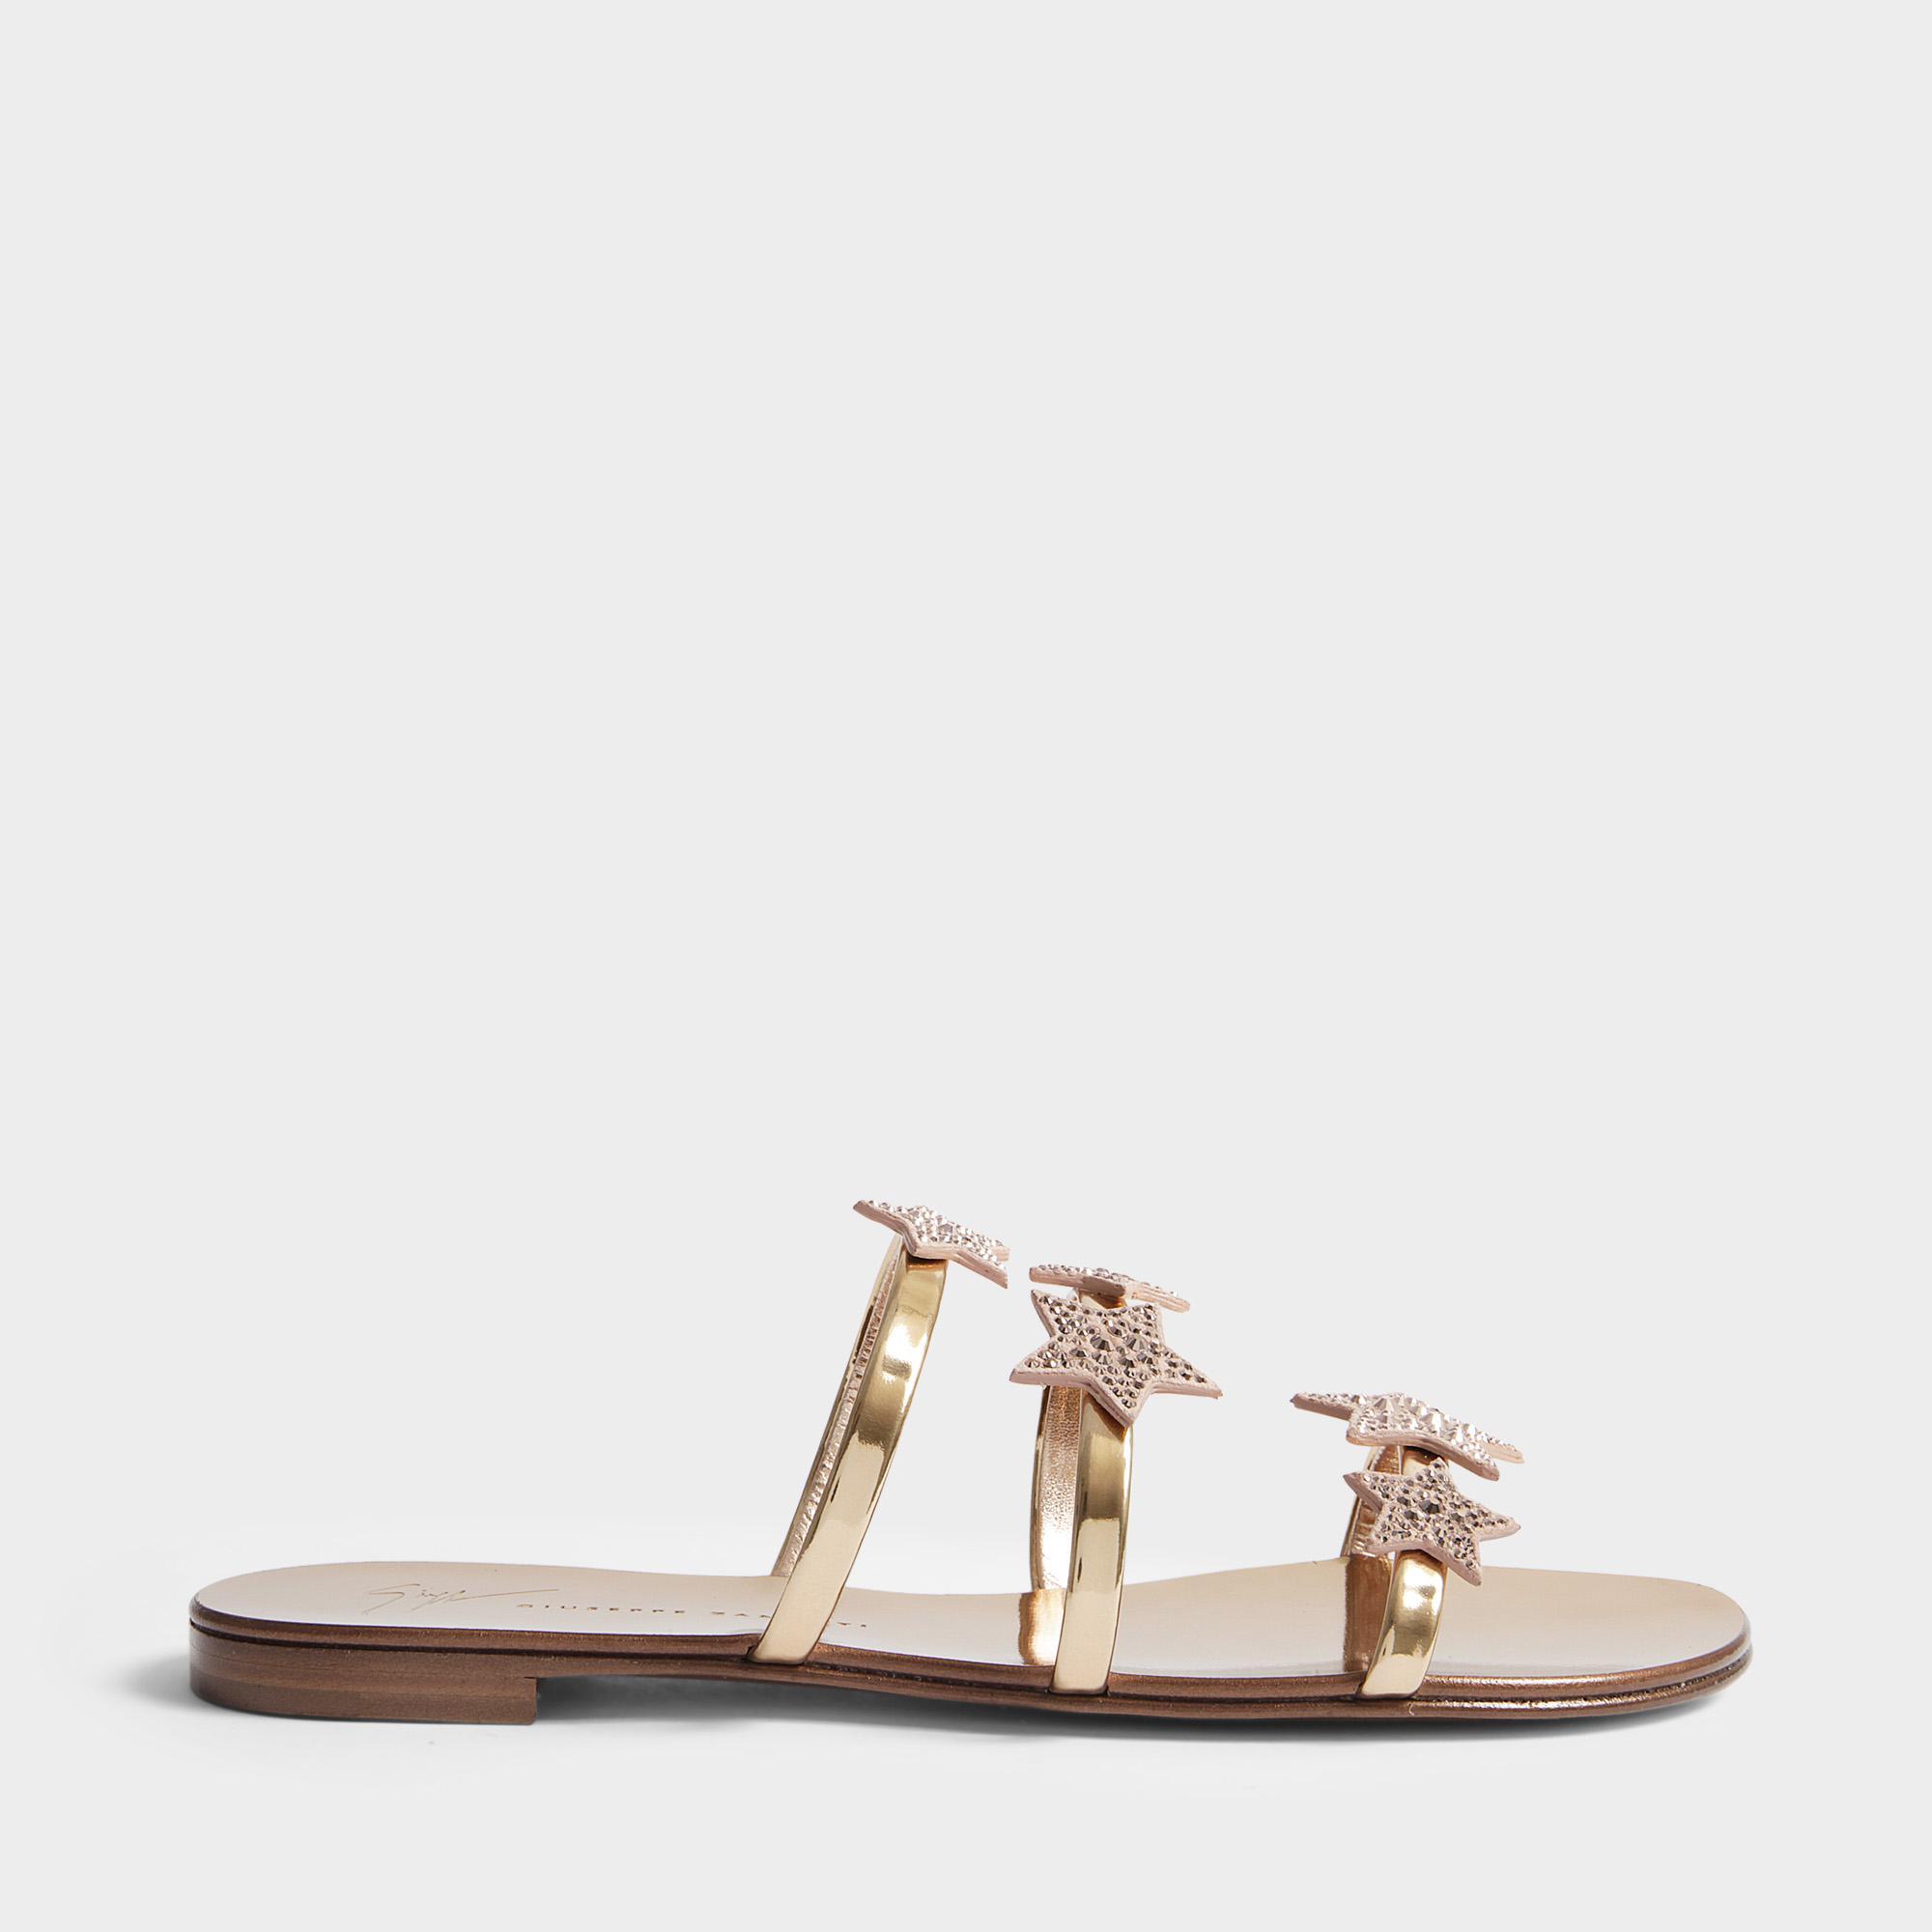 Chaussures Star Slide En Rami Cuir Giuseppe Zanotti lQPyIe